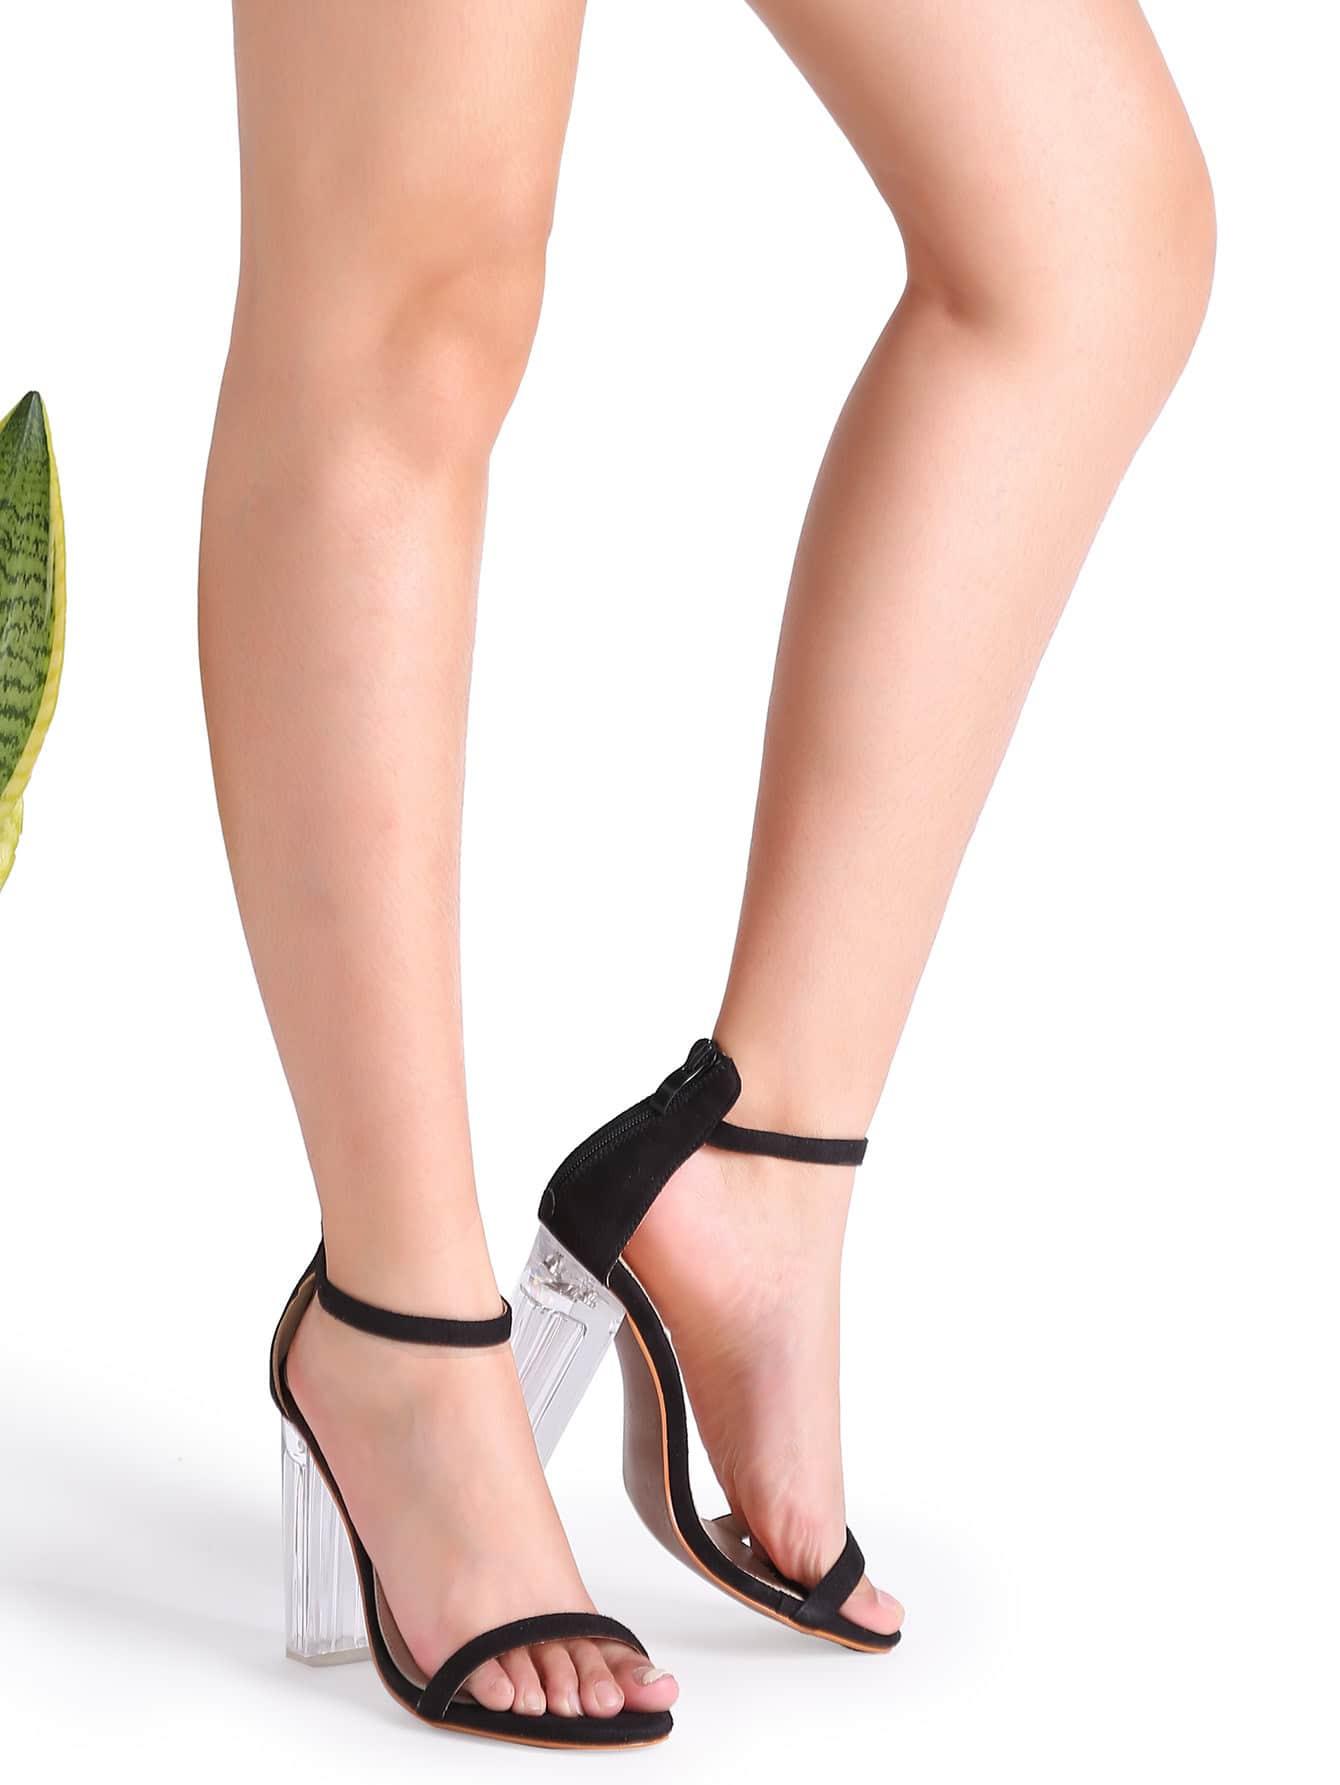 chaussures talon haut pure avec sangle sur cheville noir french romwe. Black Bedroom Furniture Sets. Home Design Ideas